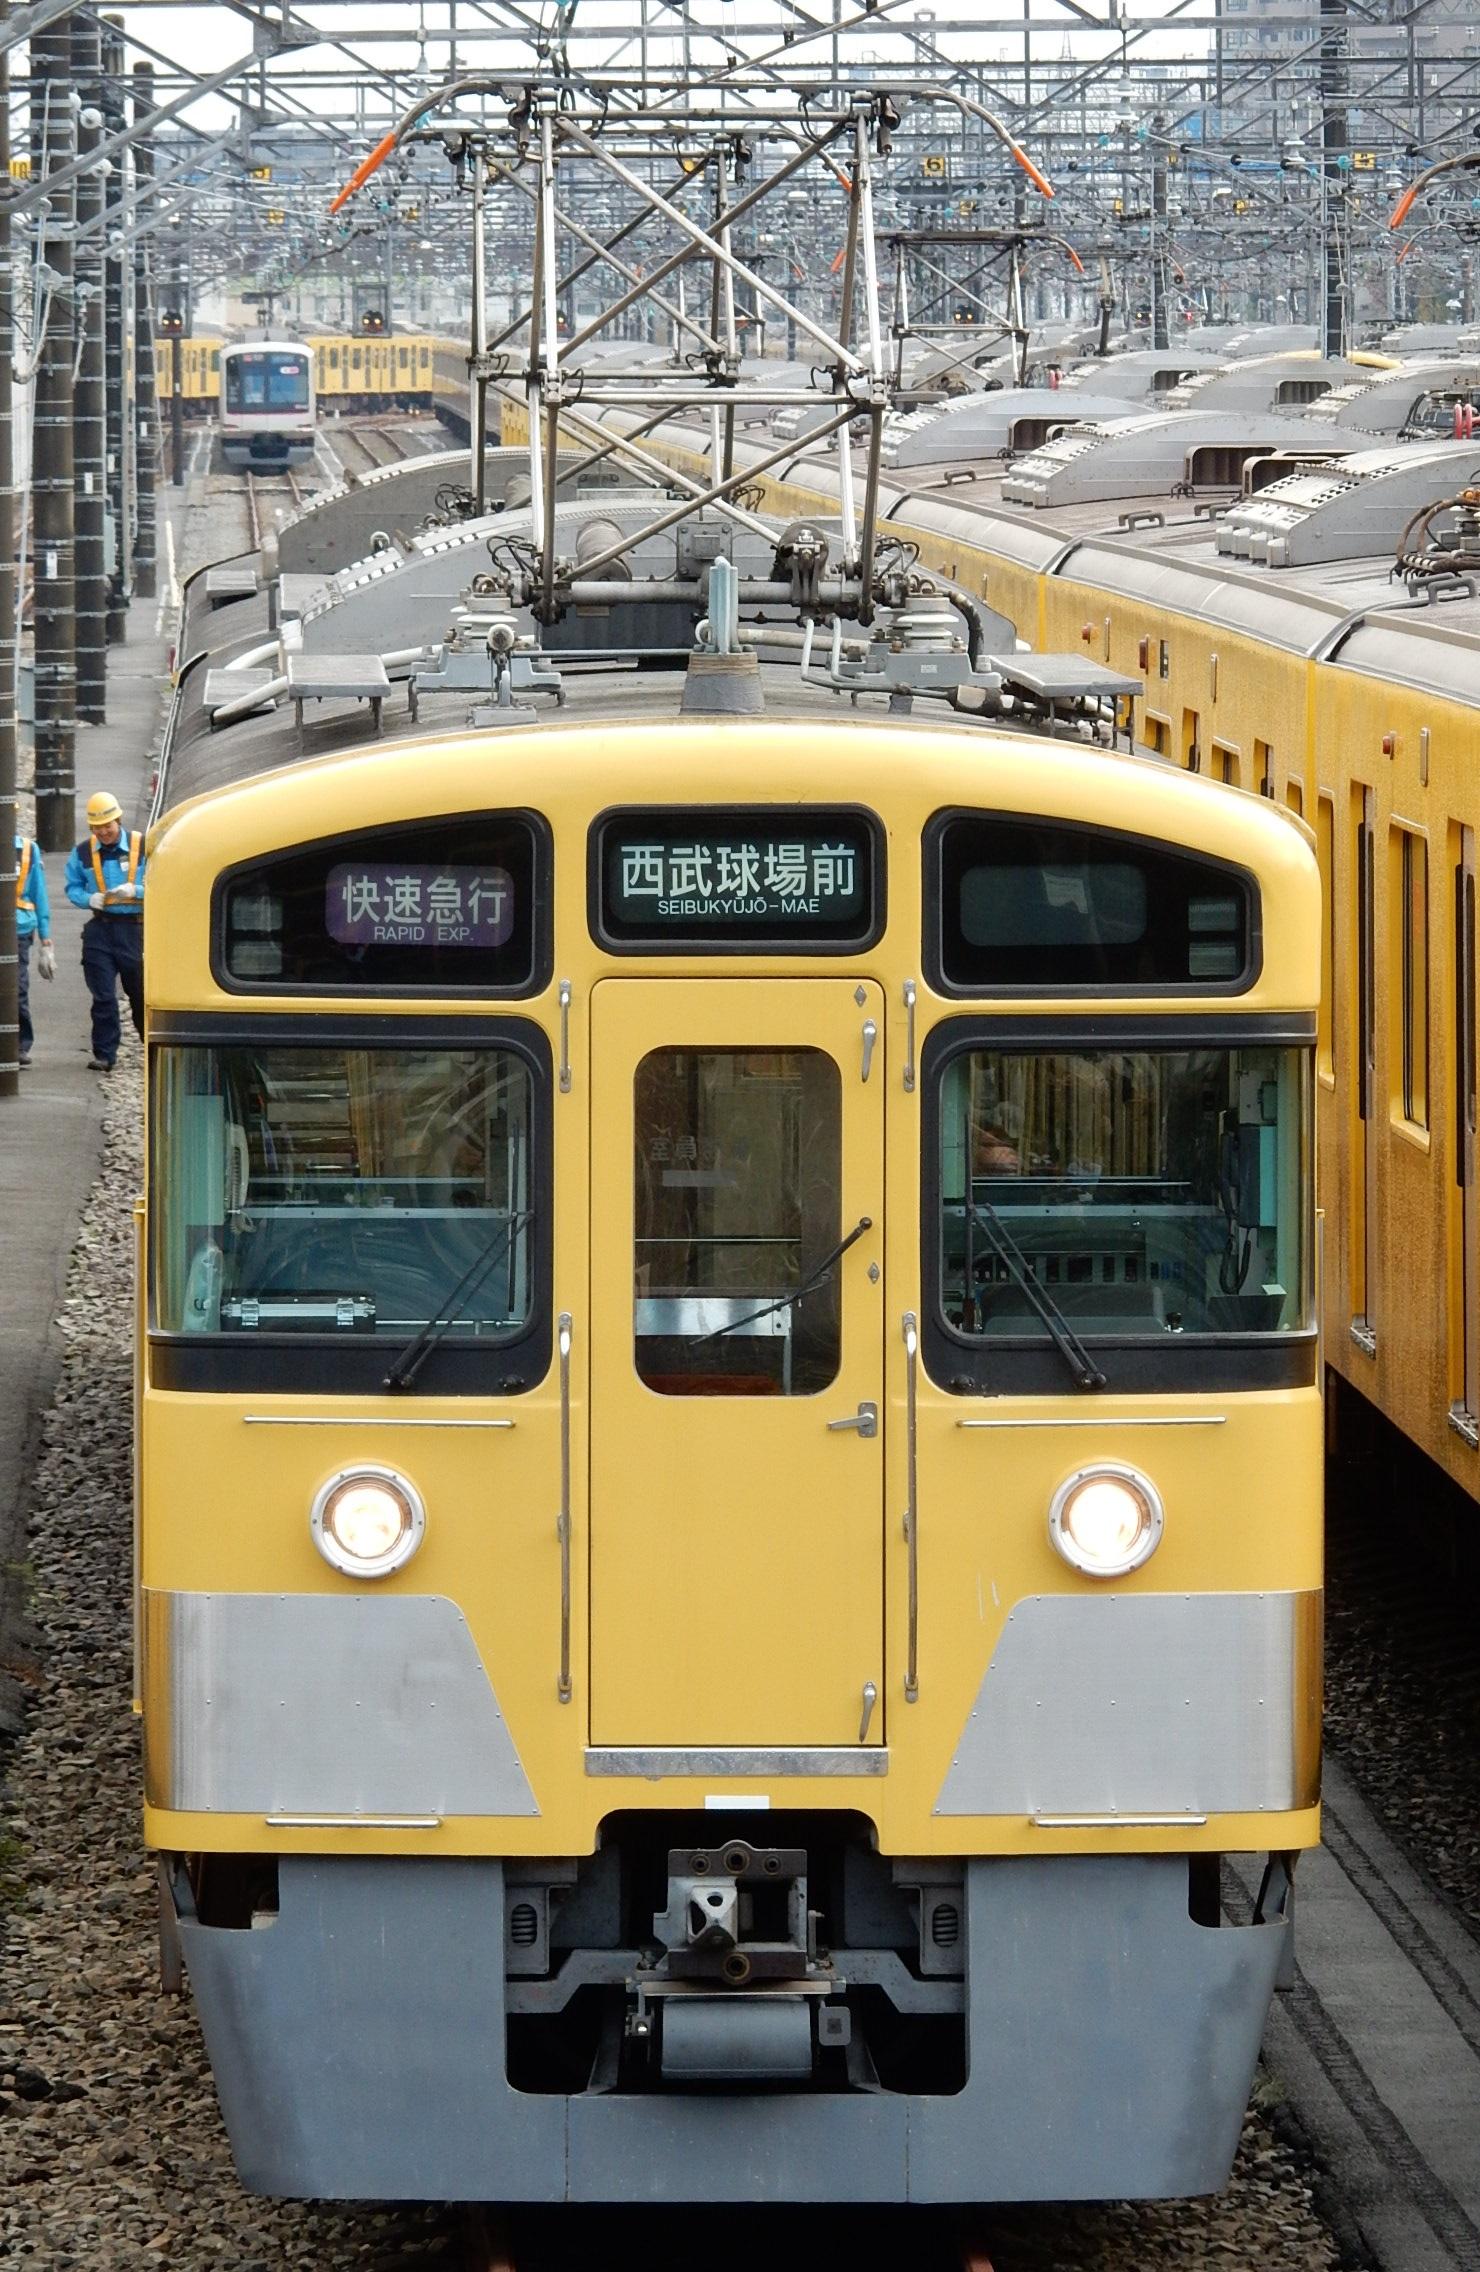 DSCN8993.jpg